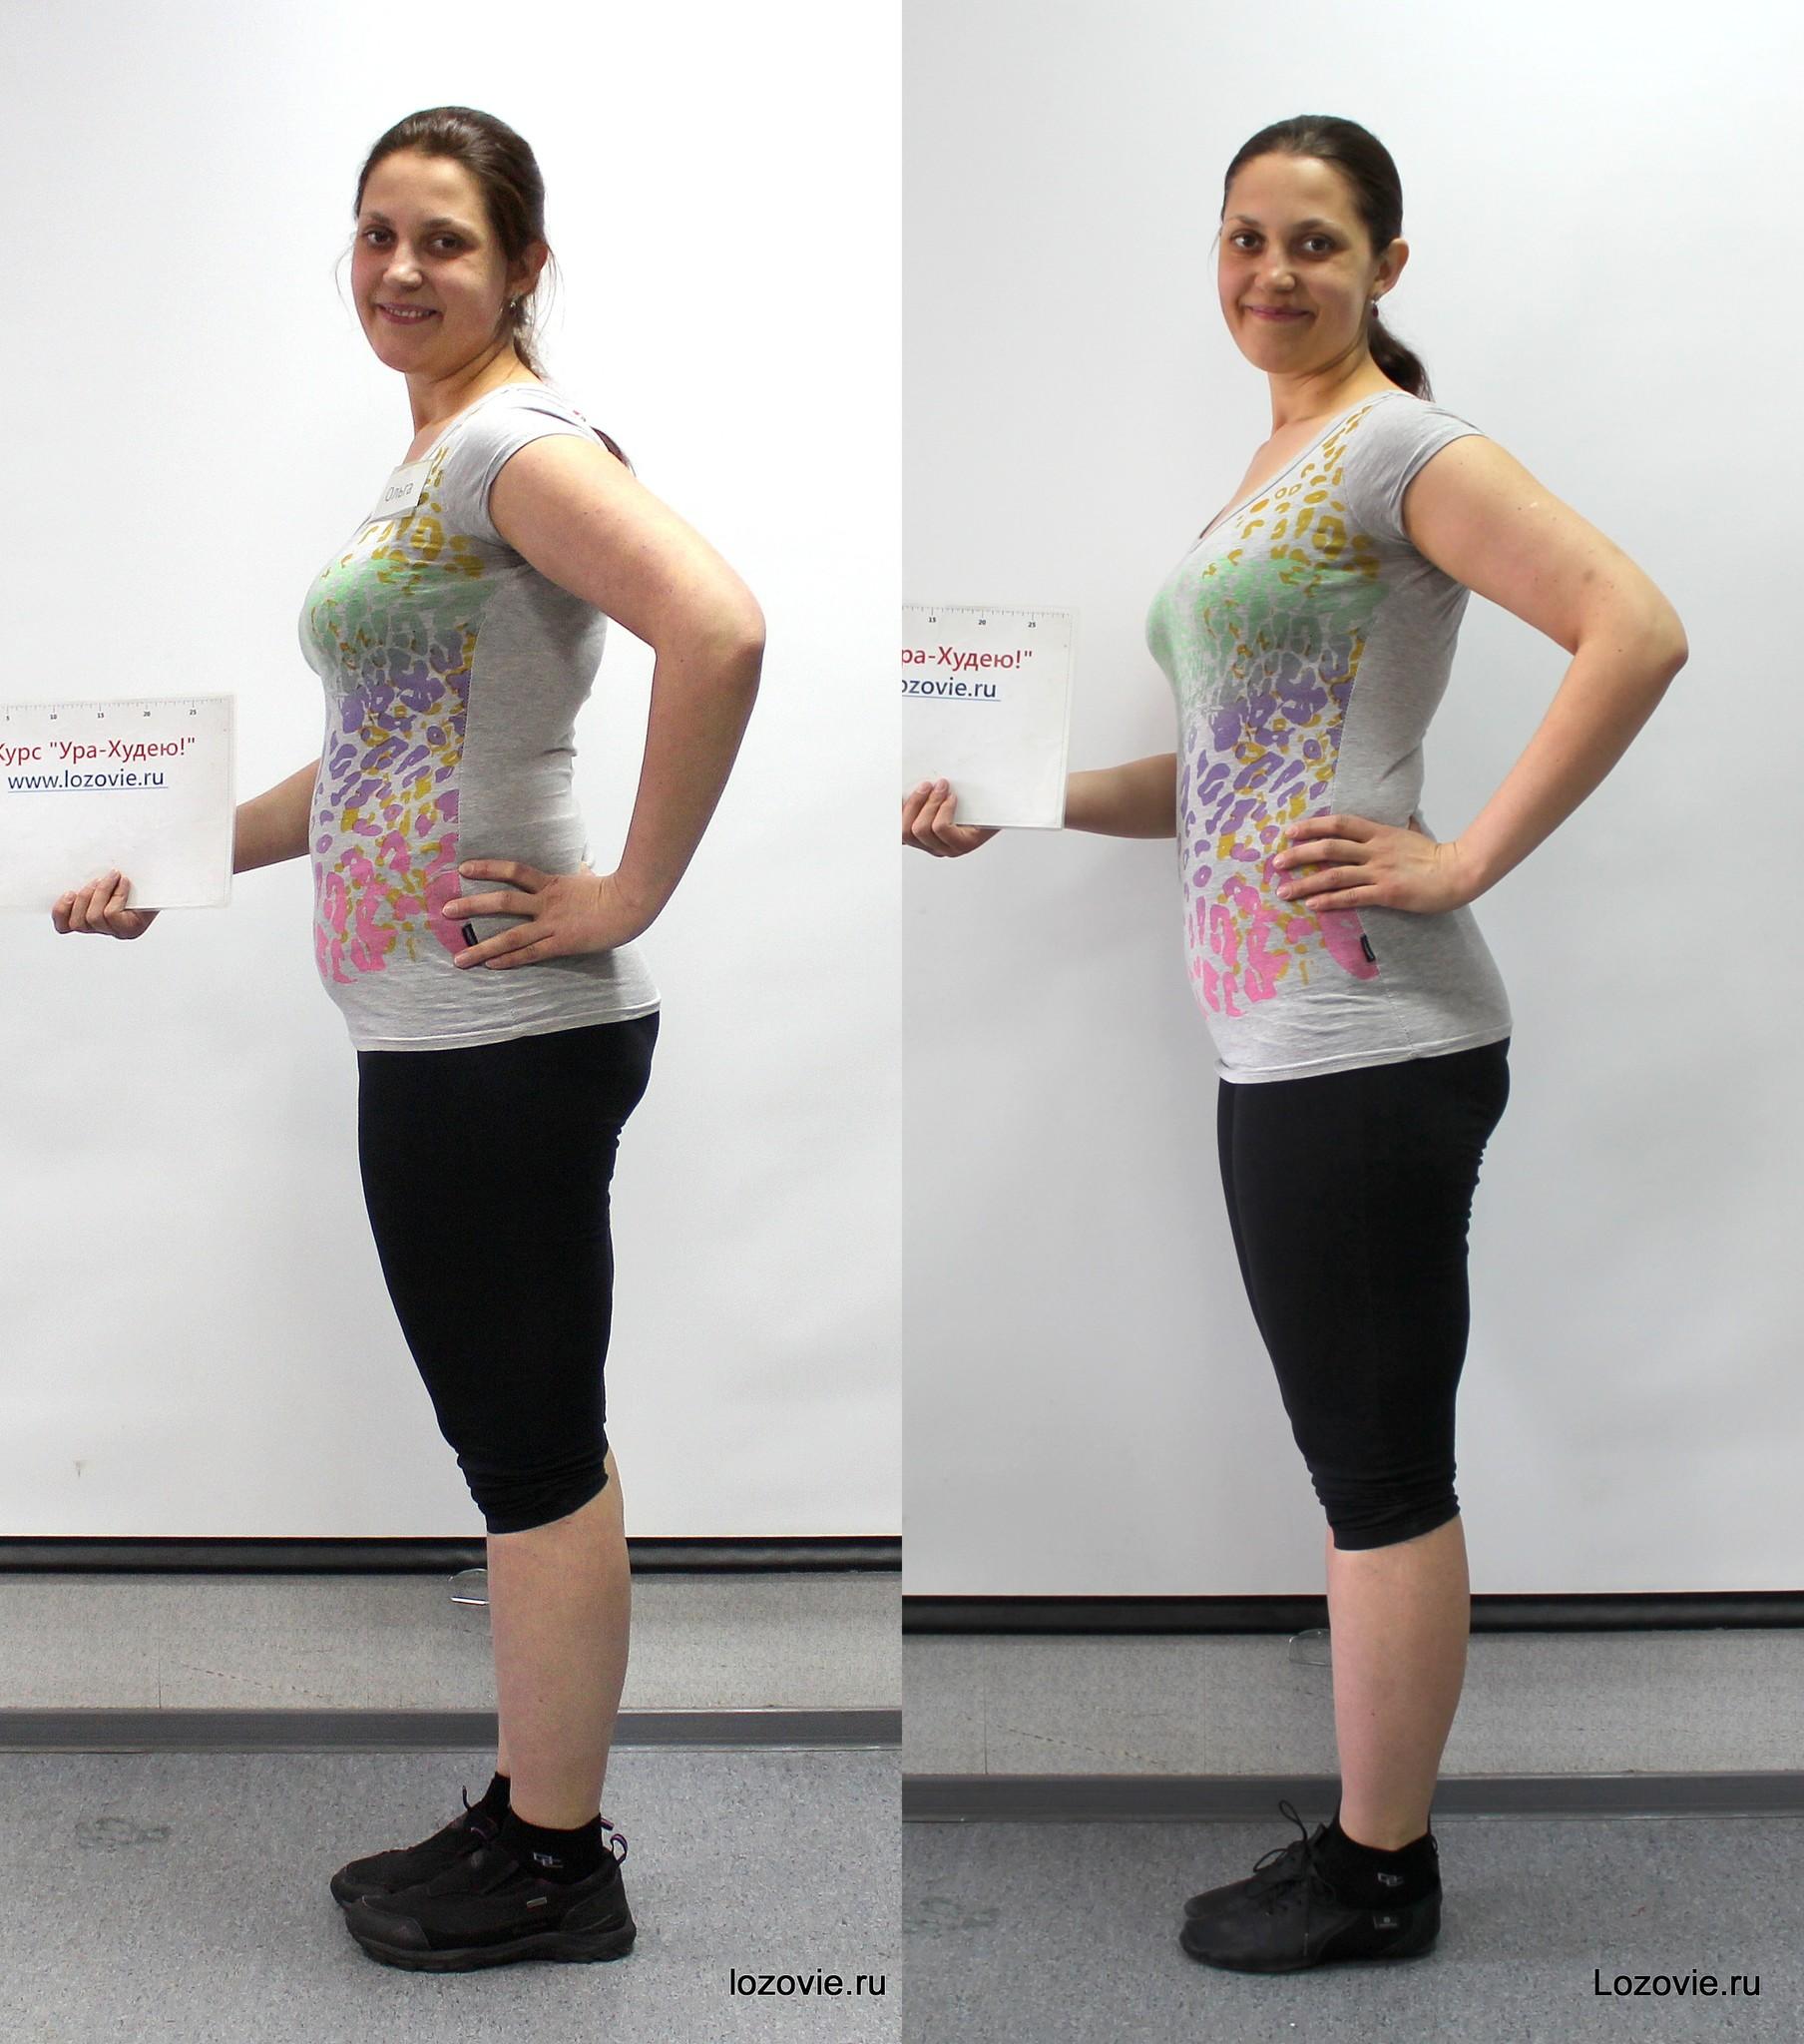 Проект Похудения На Программе Здоровье.